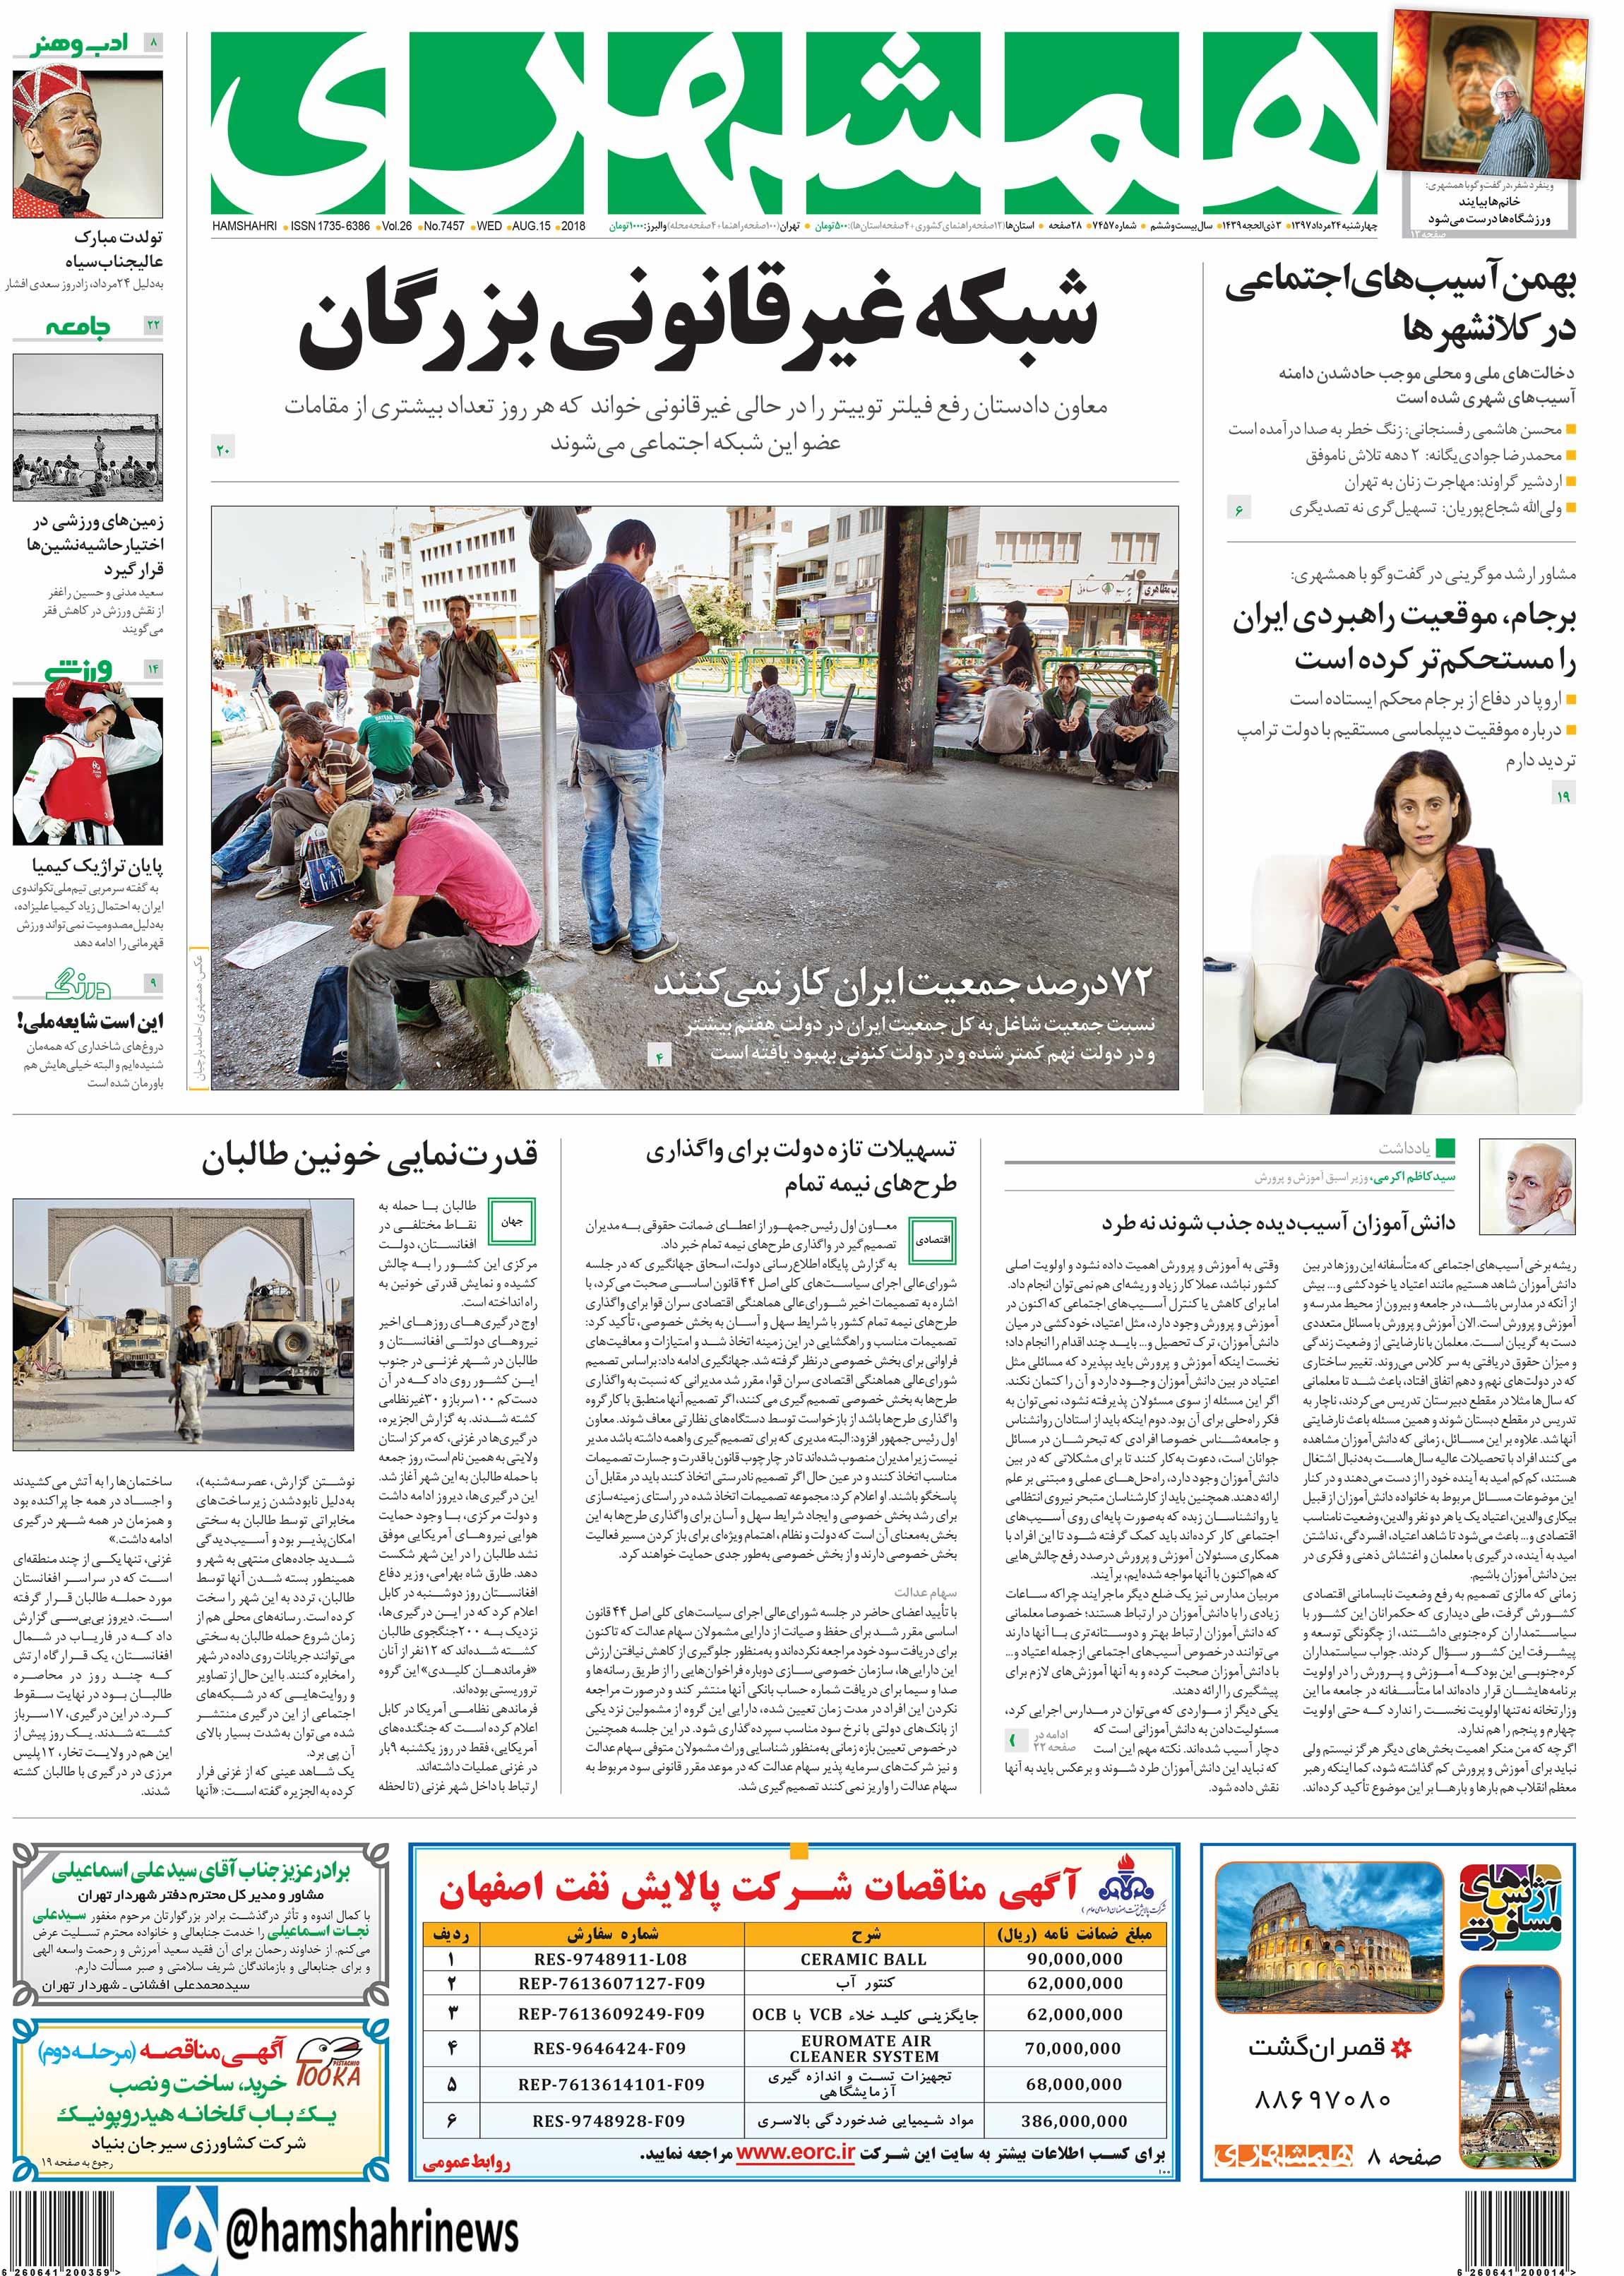 صفحه اول چهارشنبه 24 مرداد1397